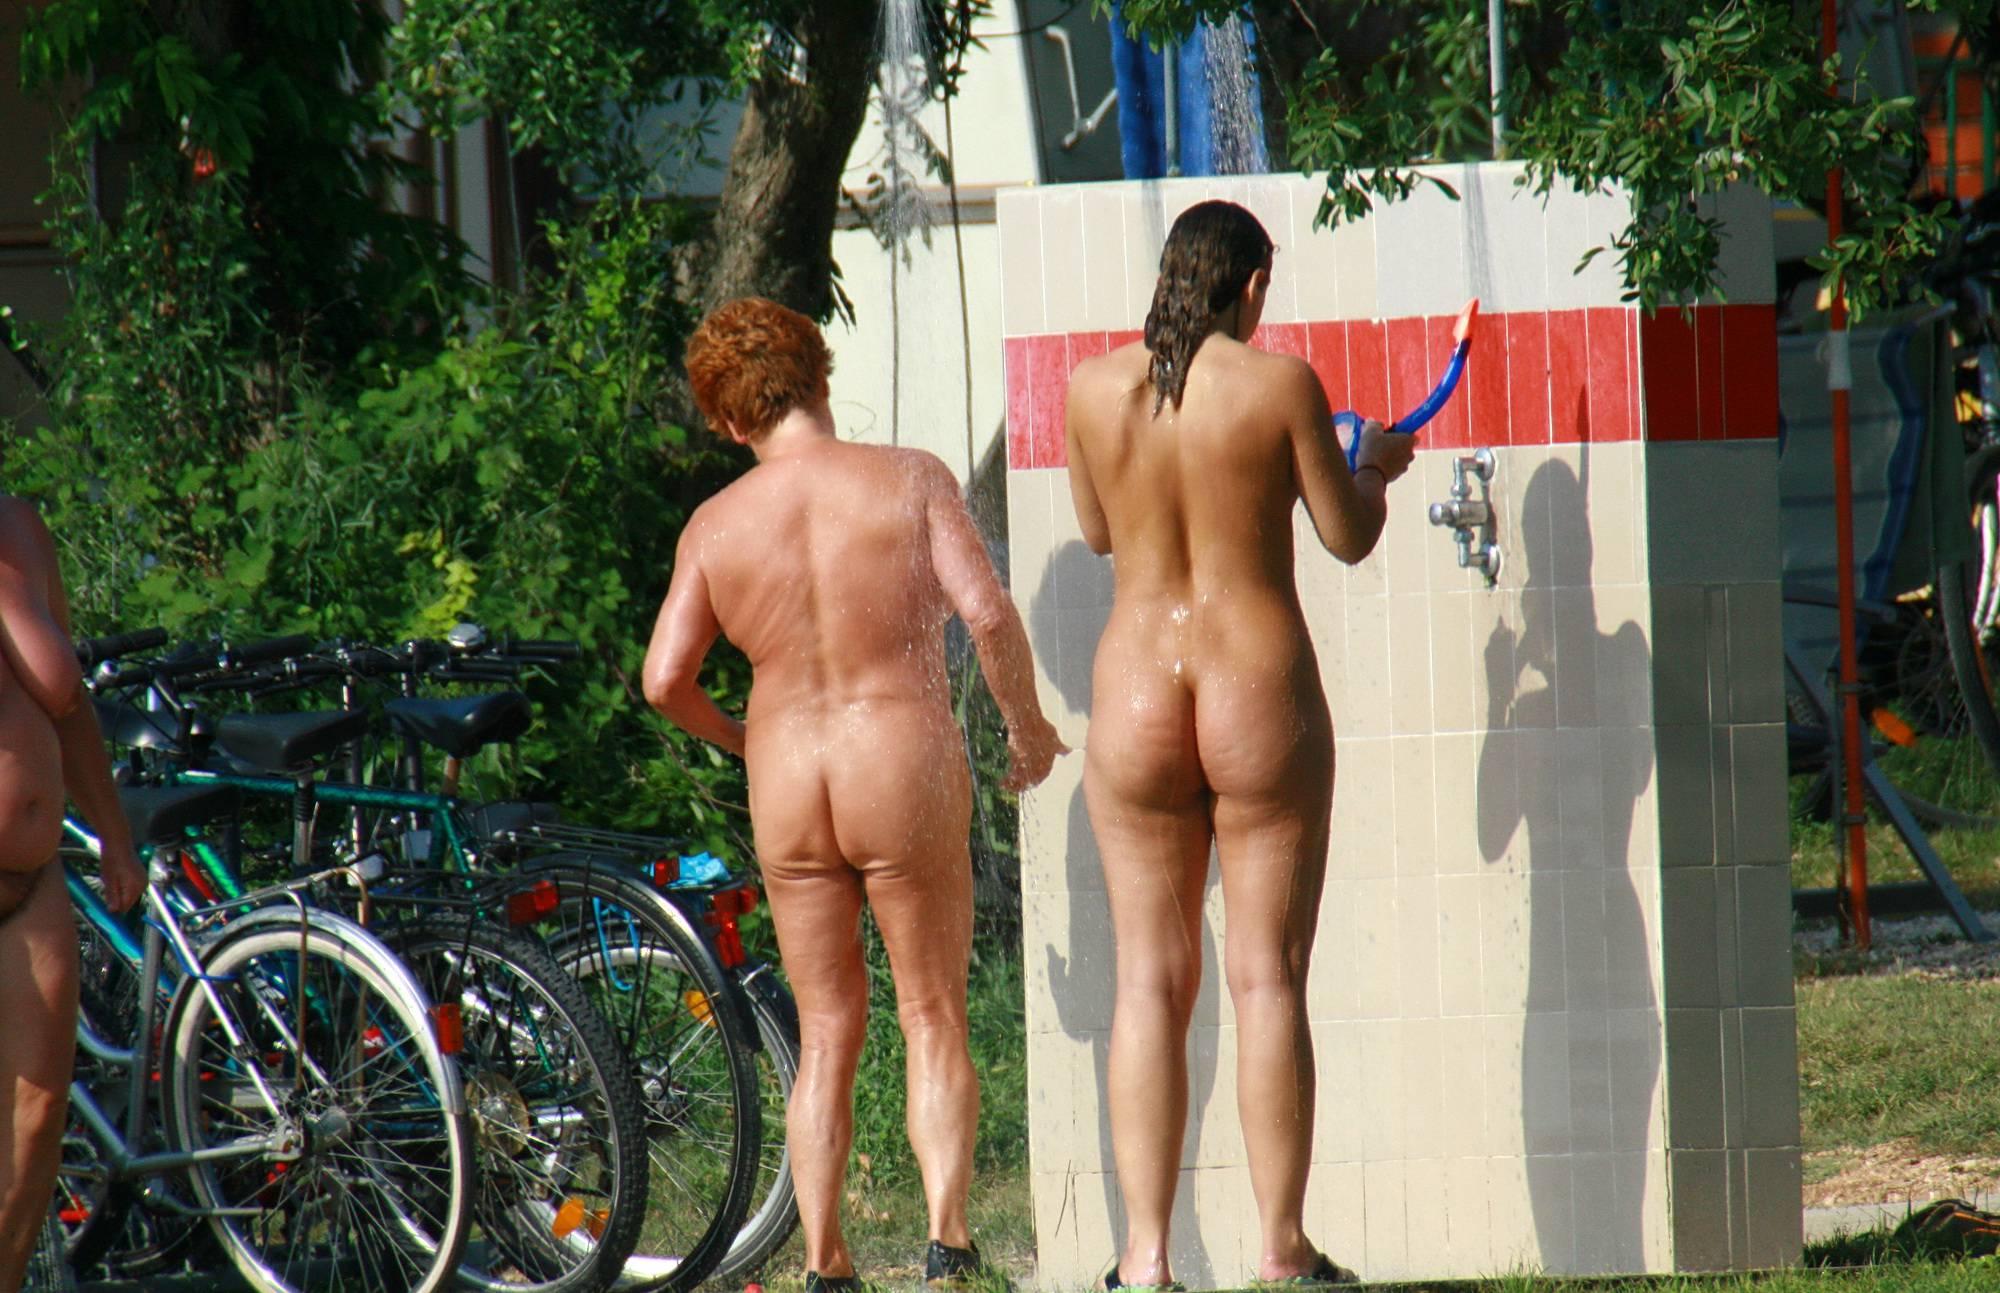 Outdoor Nudist Showers - 2